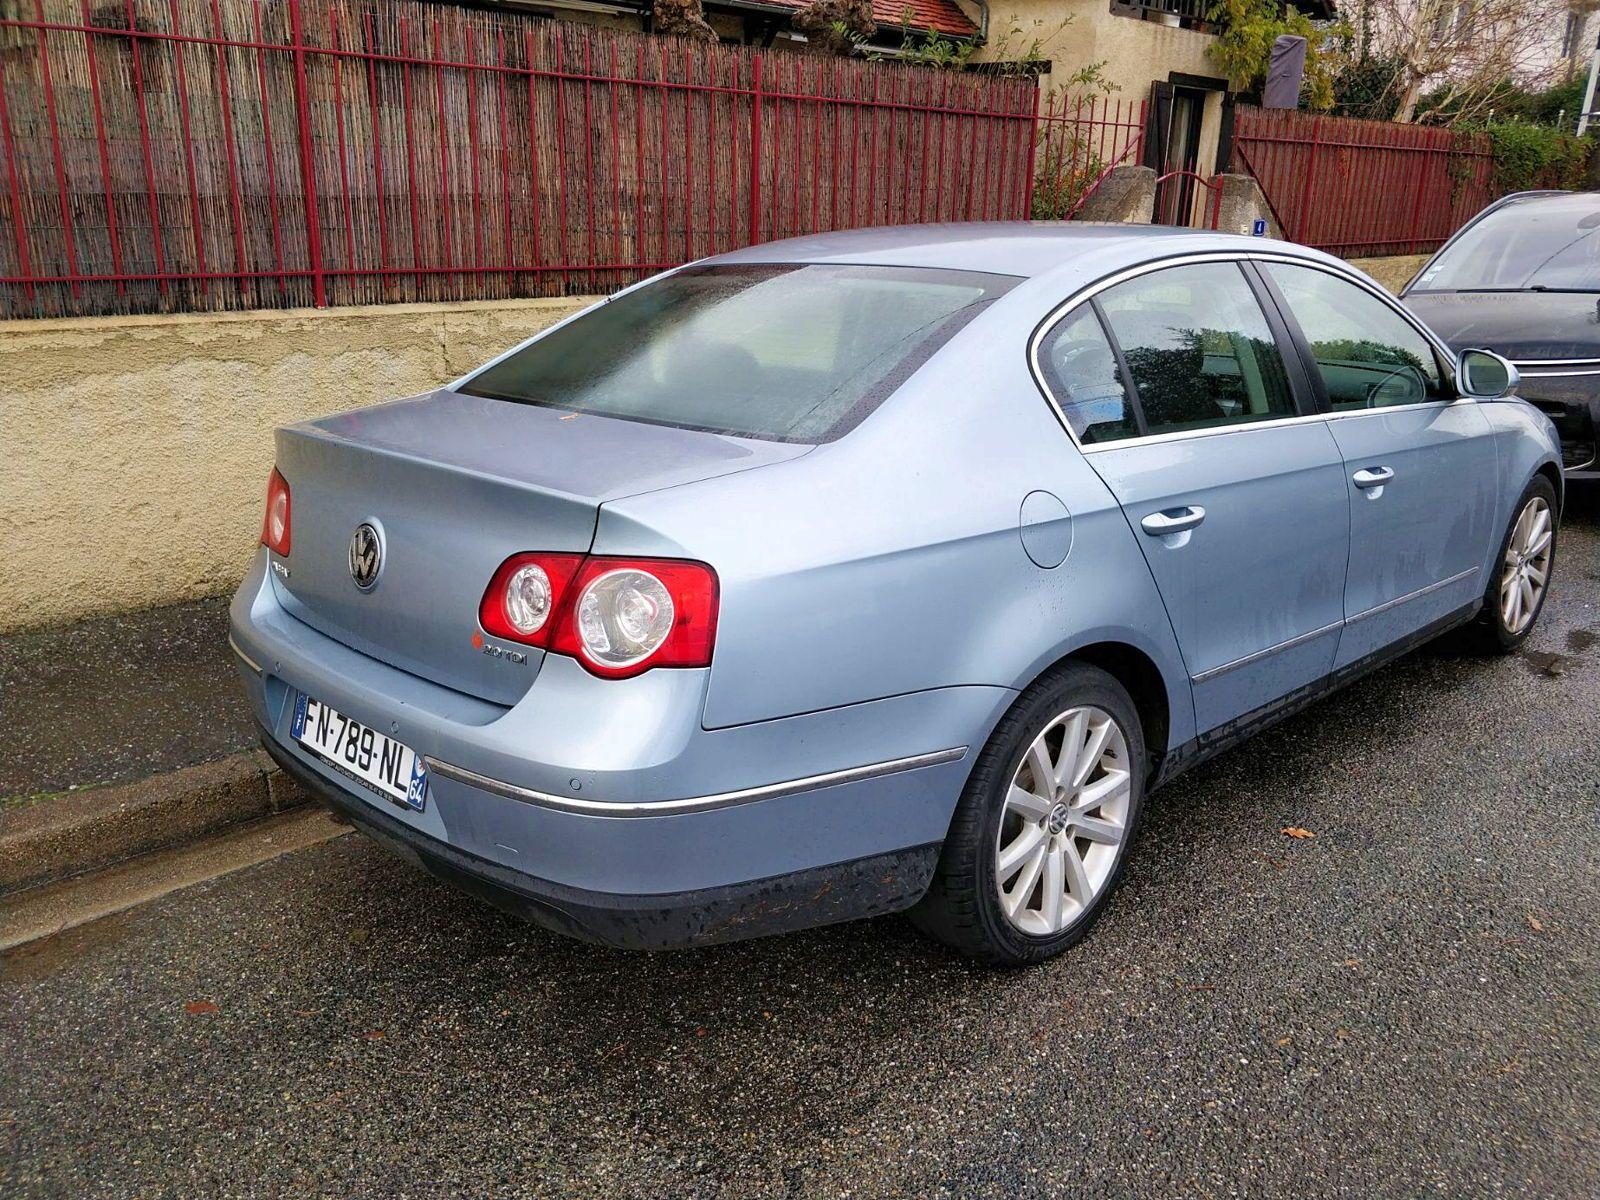 Vends Volkswagen Passat 5places, diesel, 140ch, 2006, 108200km